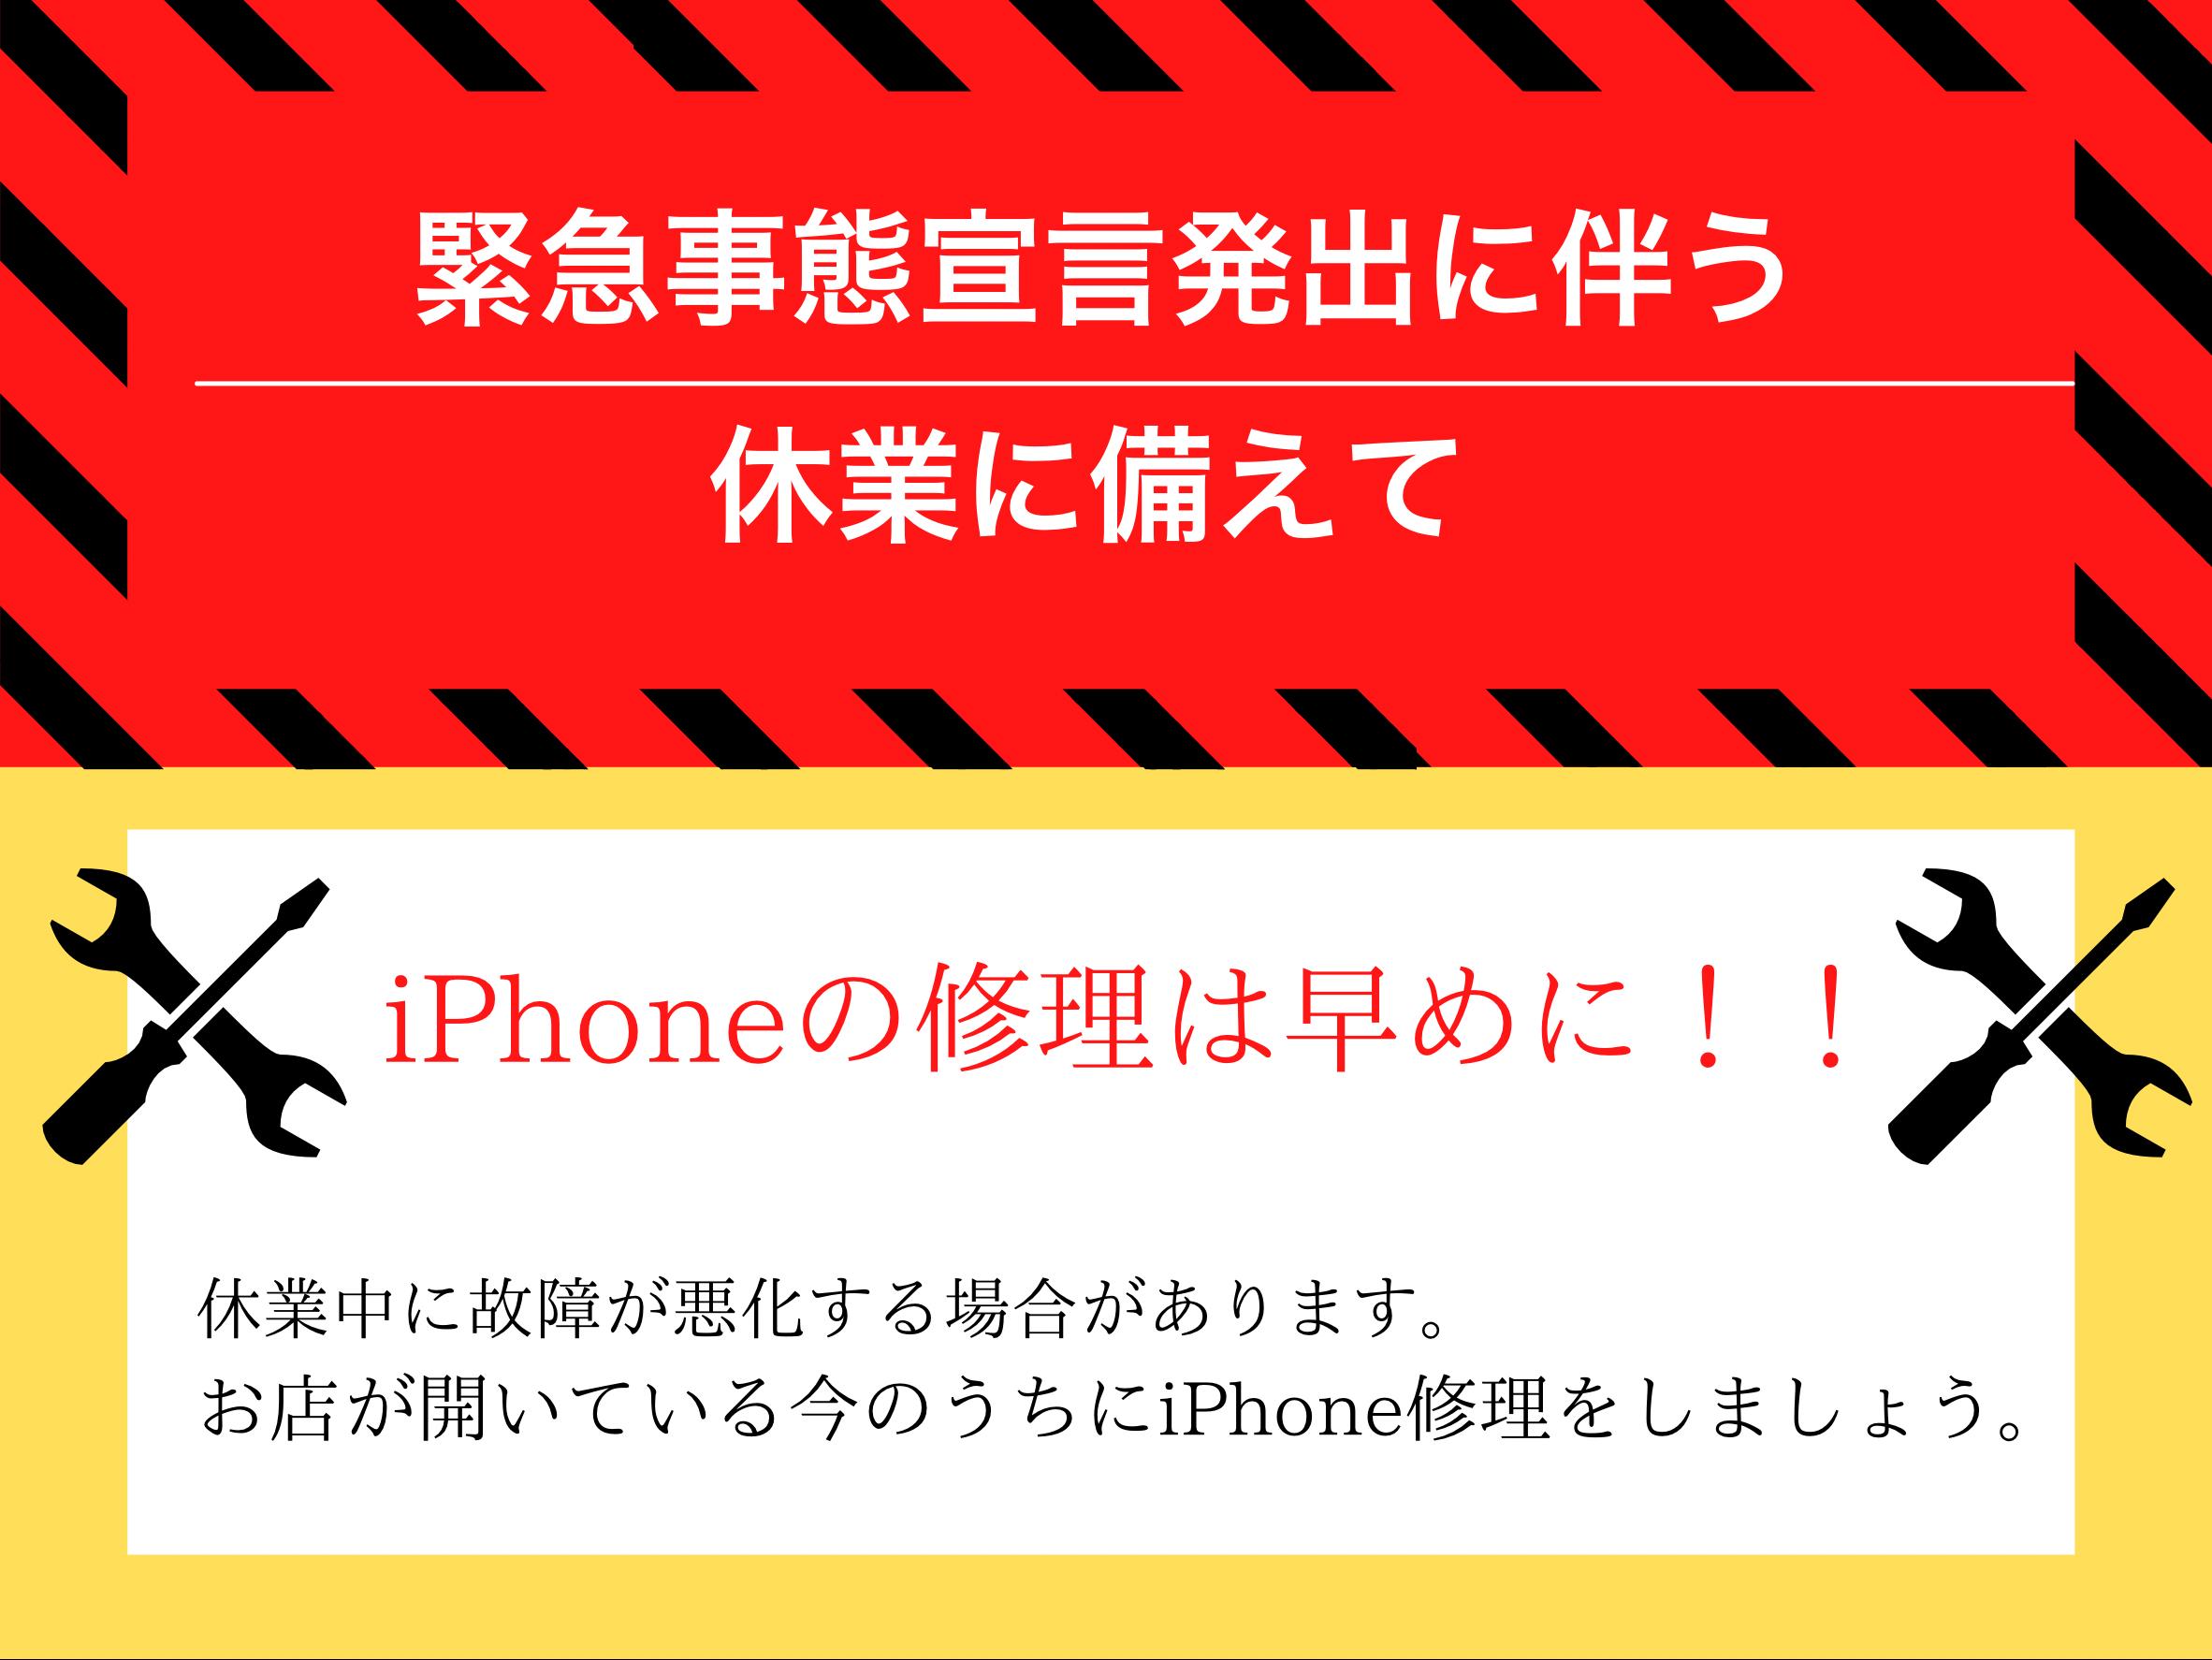 割れやバッテリーの劣化が酷くなり、突然故障してしまう前に直しておきましょう!iPhone修理尼崎